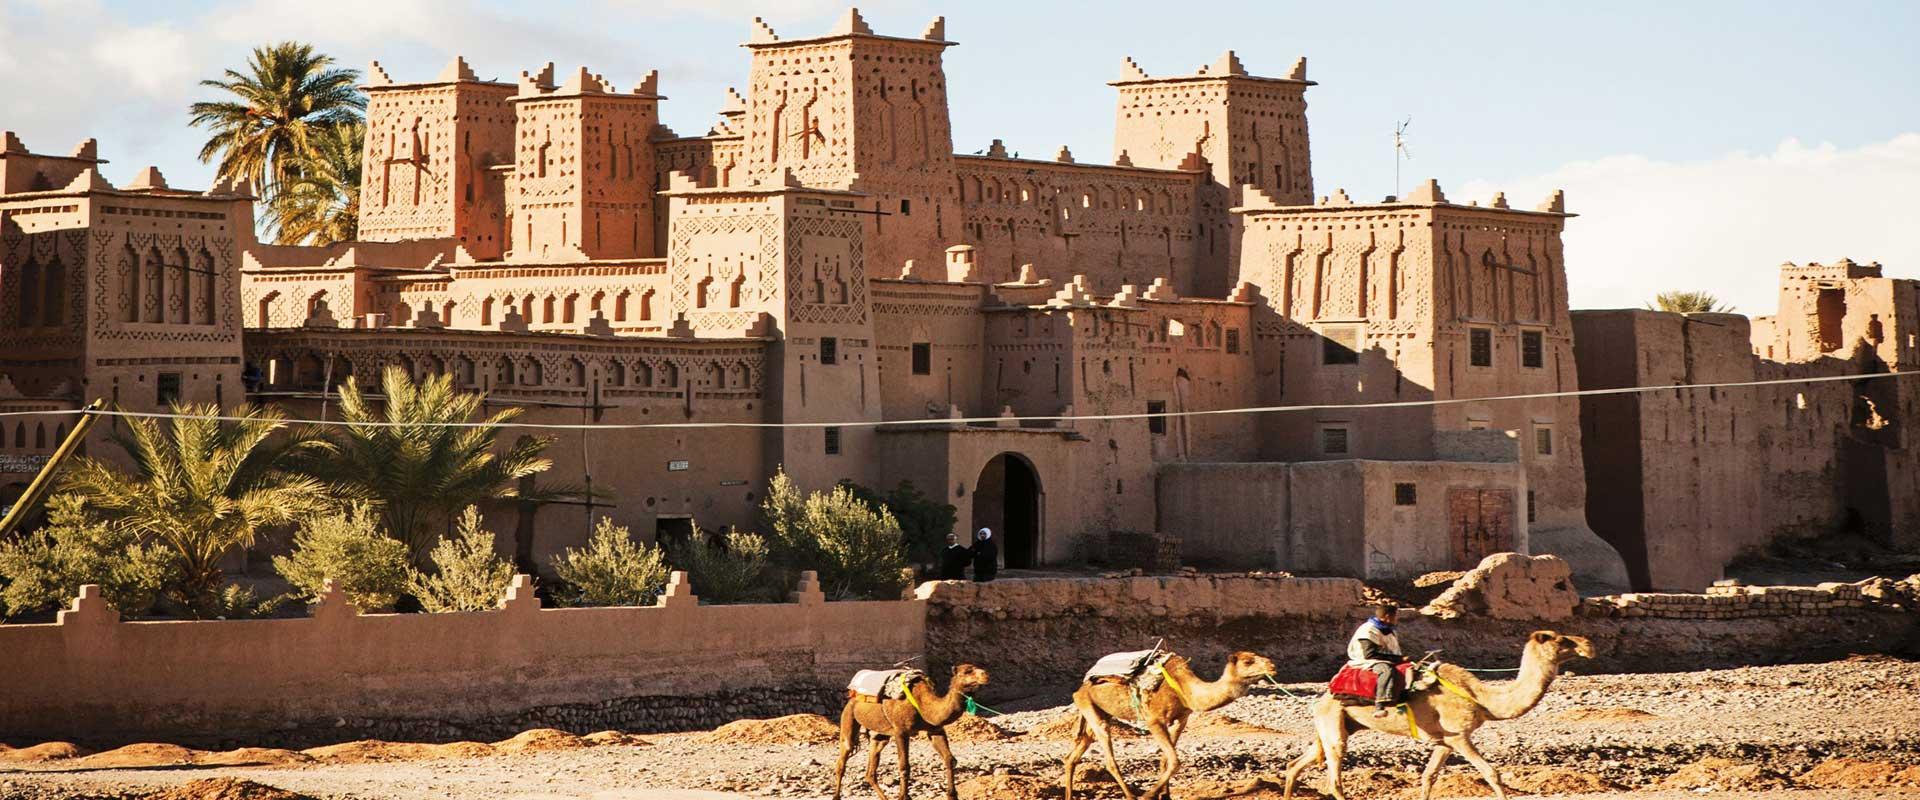 4 Day tour from Marrakech to Merzouga & Skoura